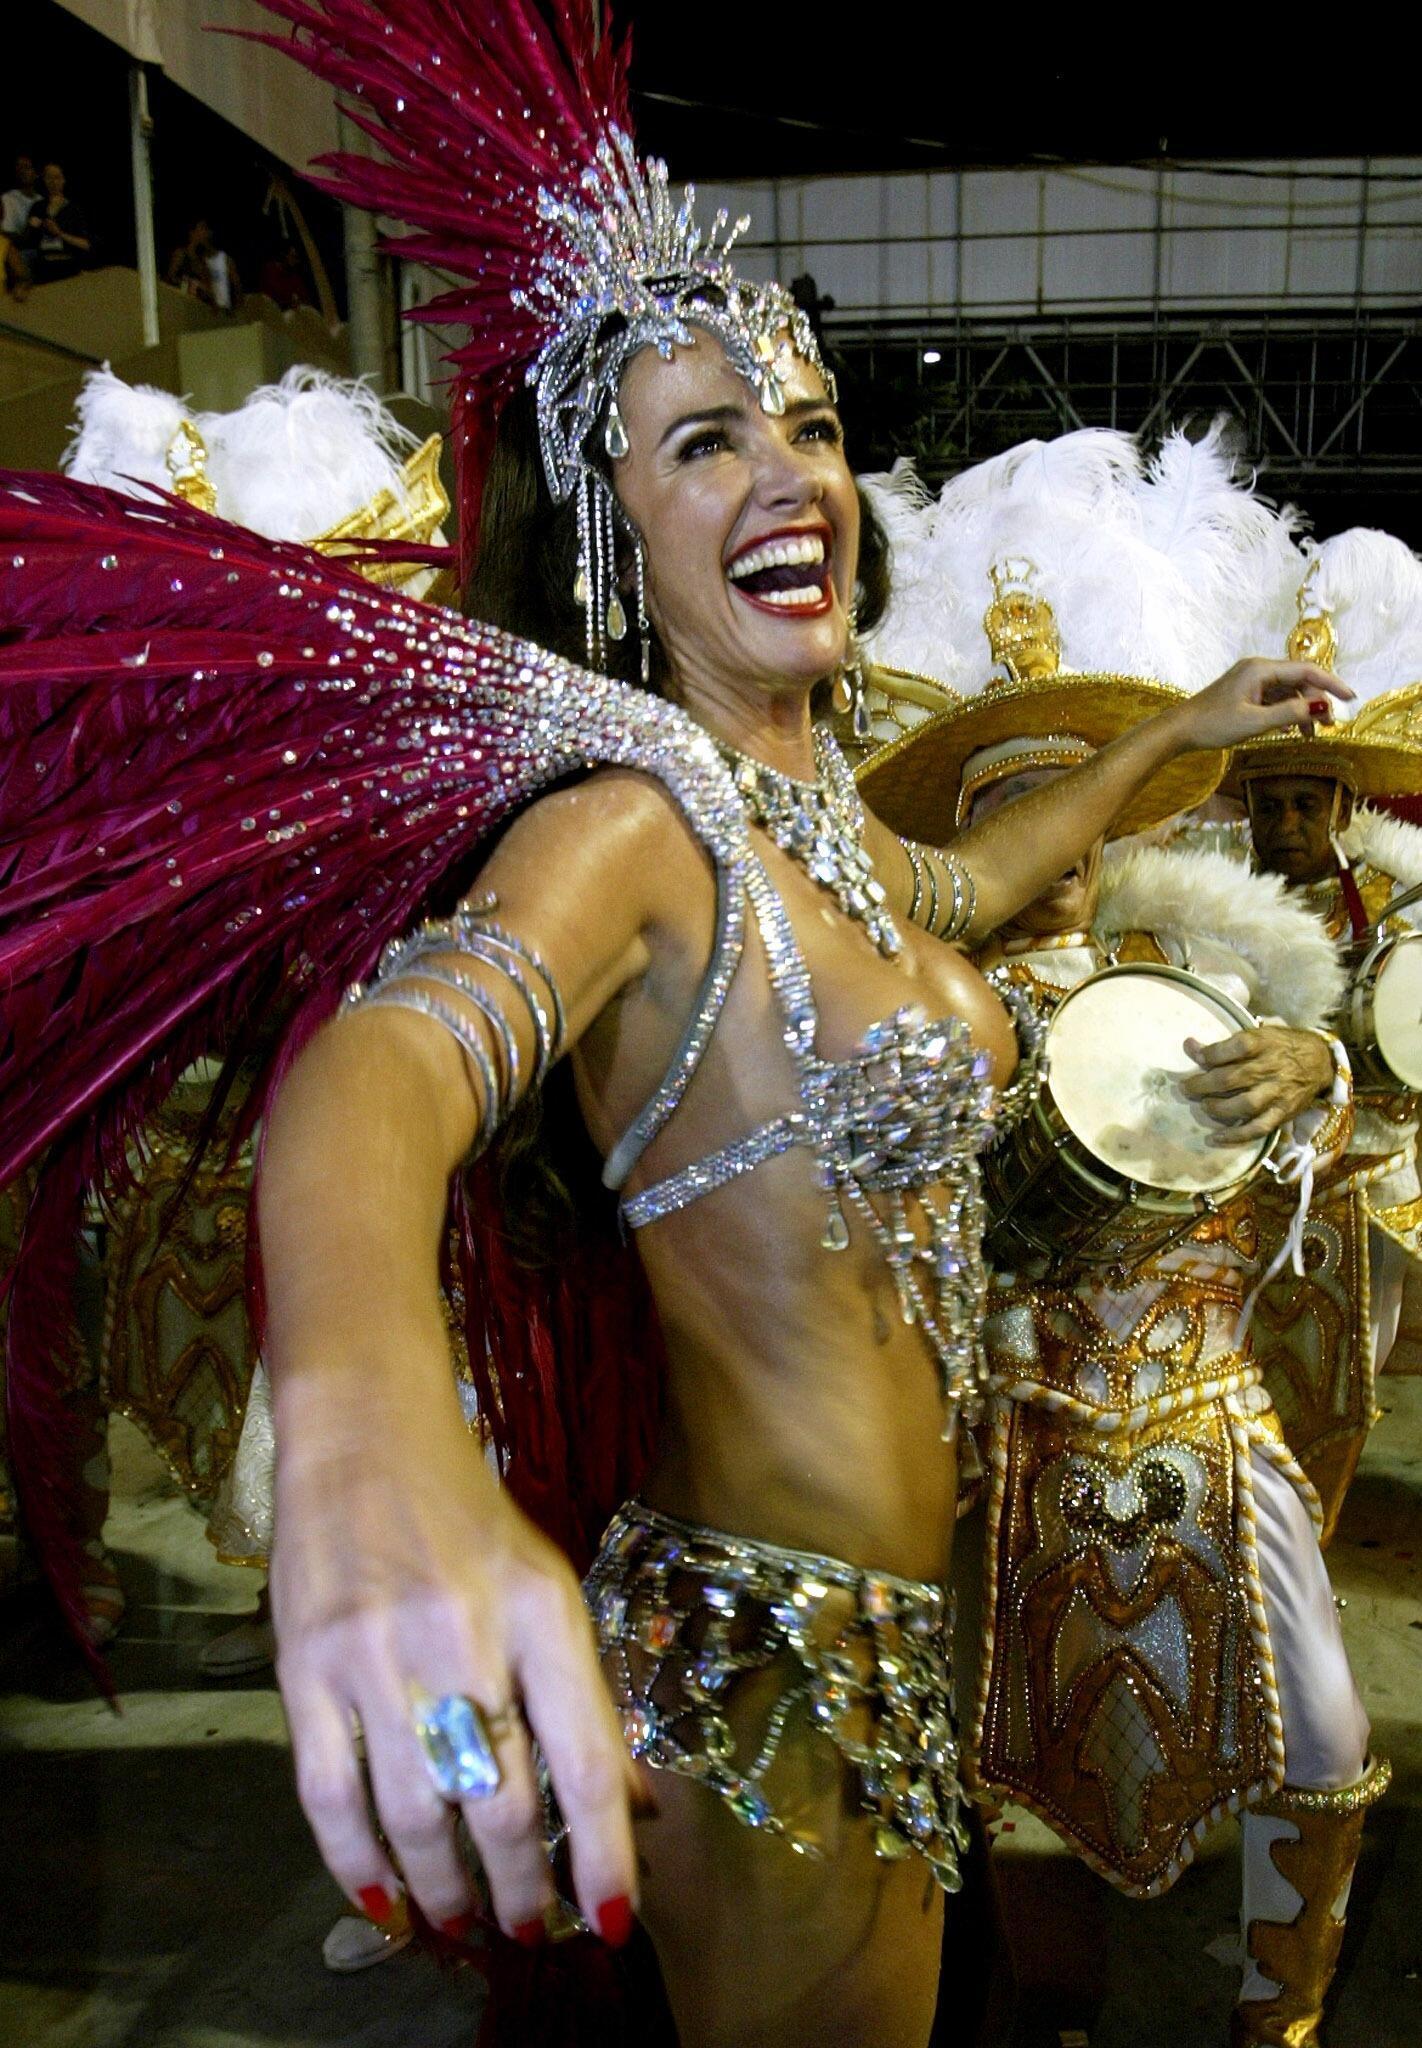 Nghệ sĩ của Moulin Rouge trong trang phục vũ hội Brazil